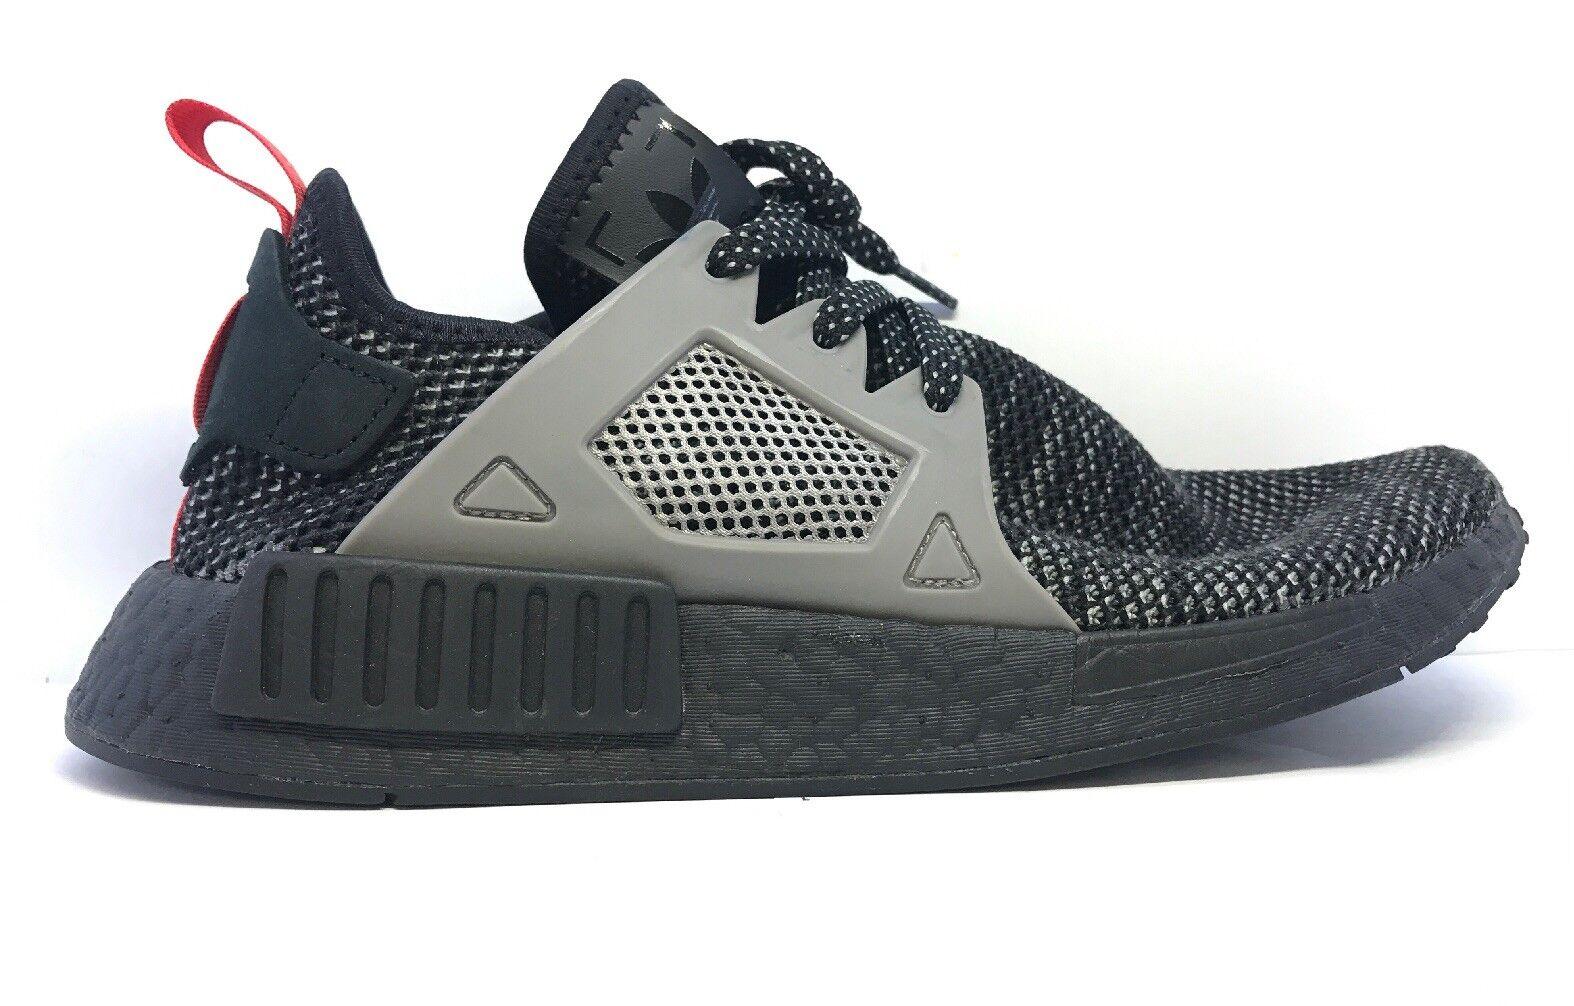 7374a6a8ad22dd uomo nero grigio NMD_XR1 Lacci Sneaker Adidas e nodxyv8745-Scarpe da ...